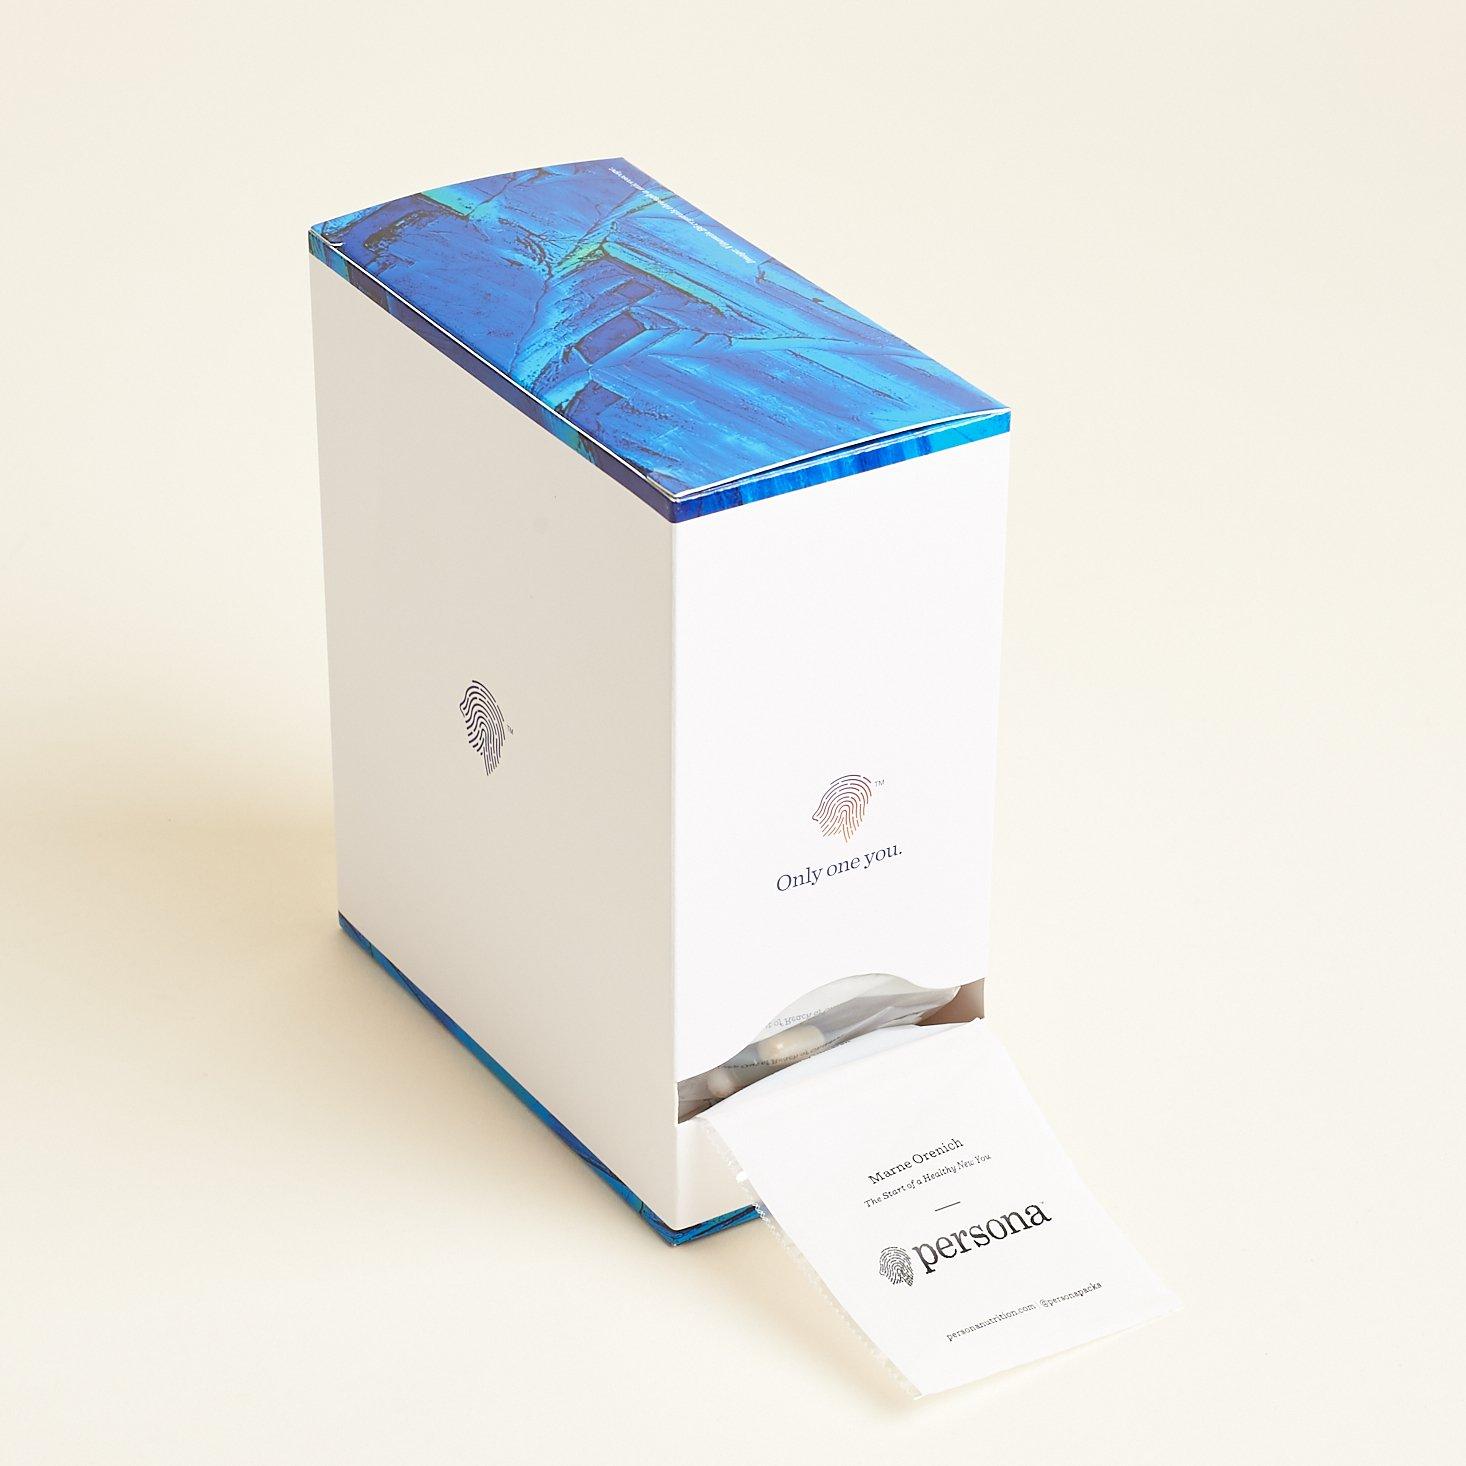 Persona Vitamin box upright